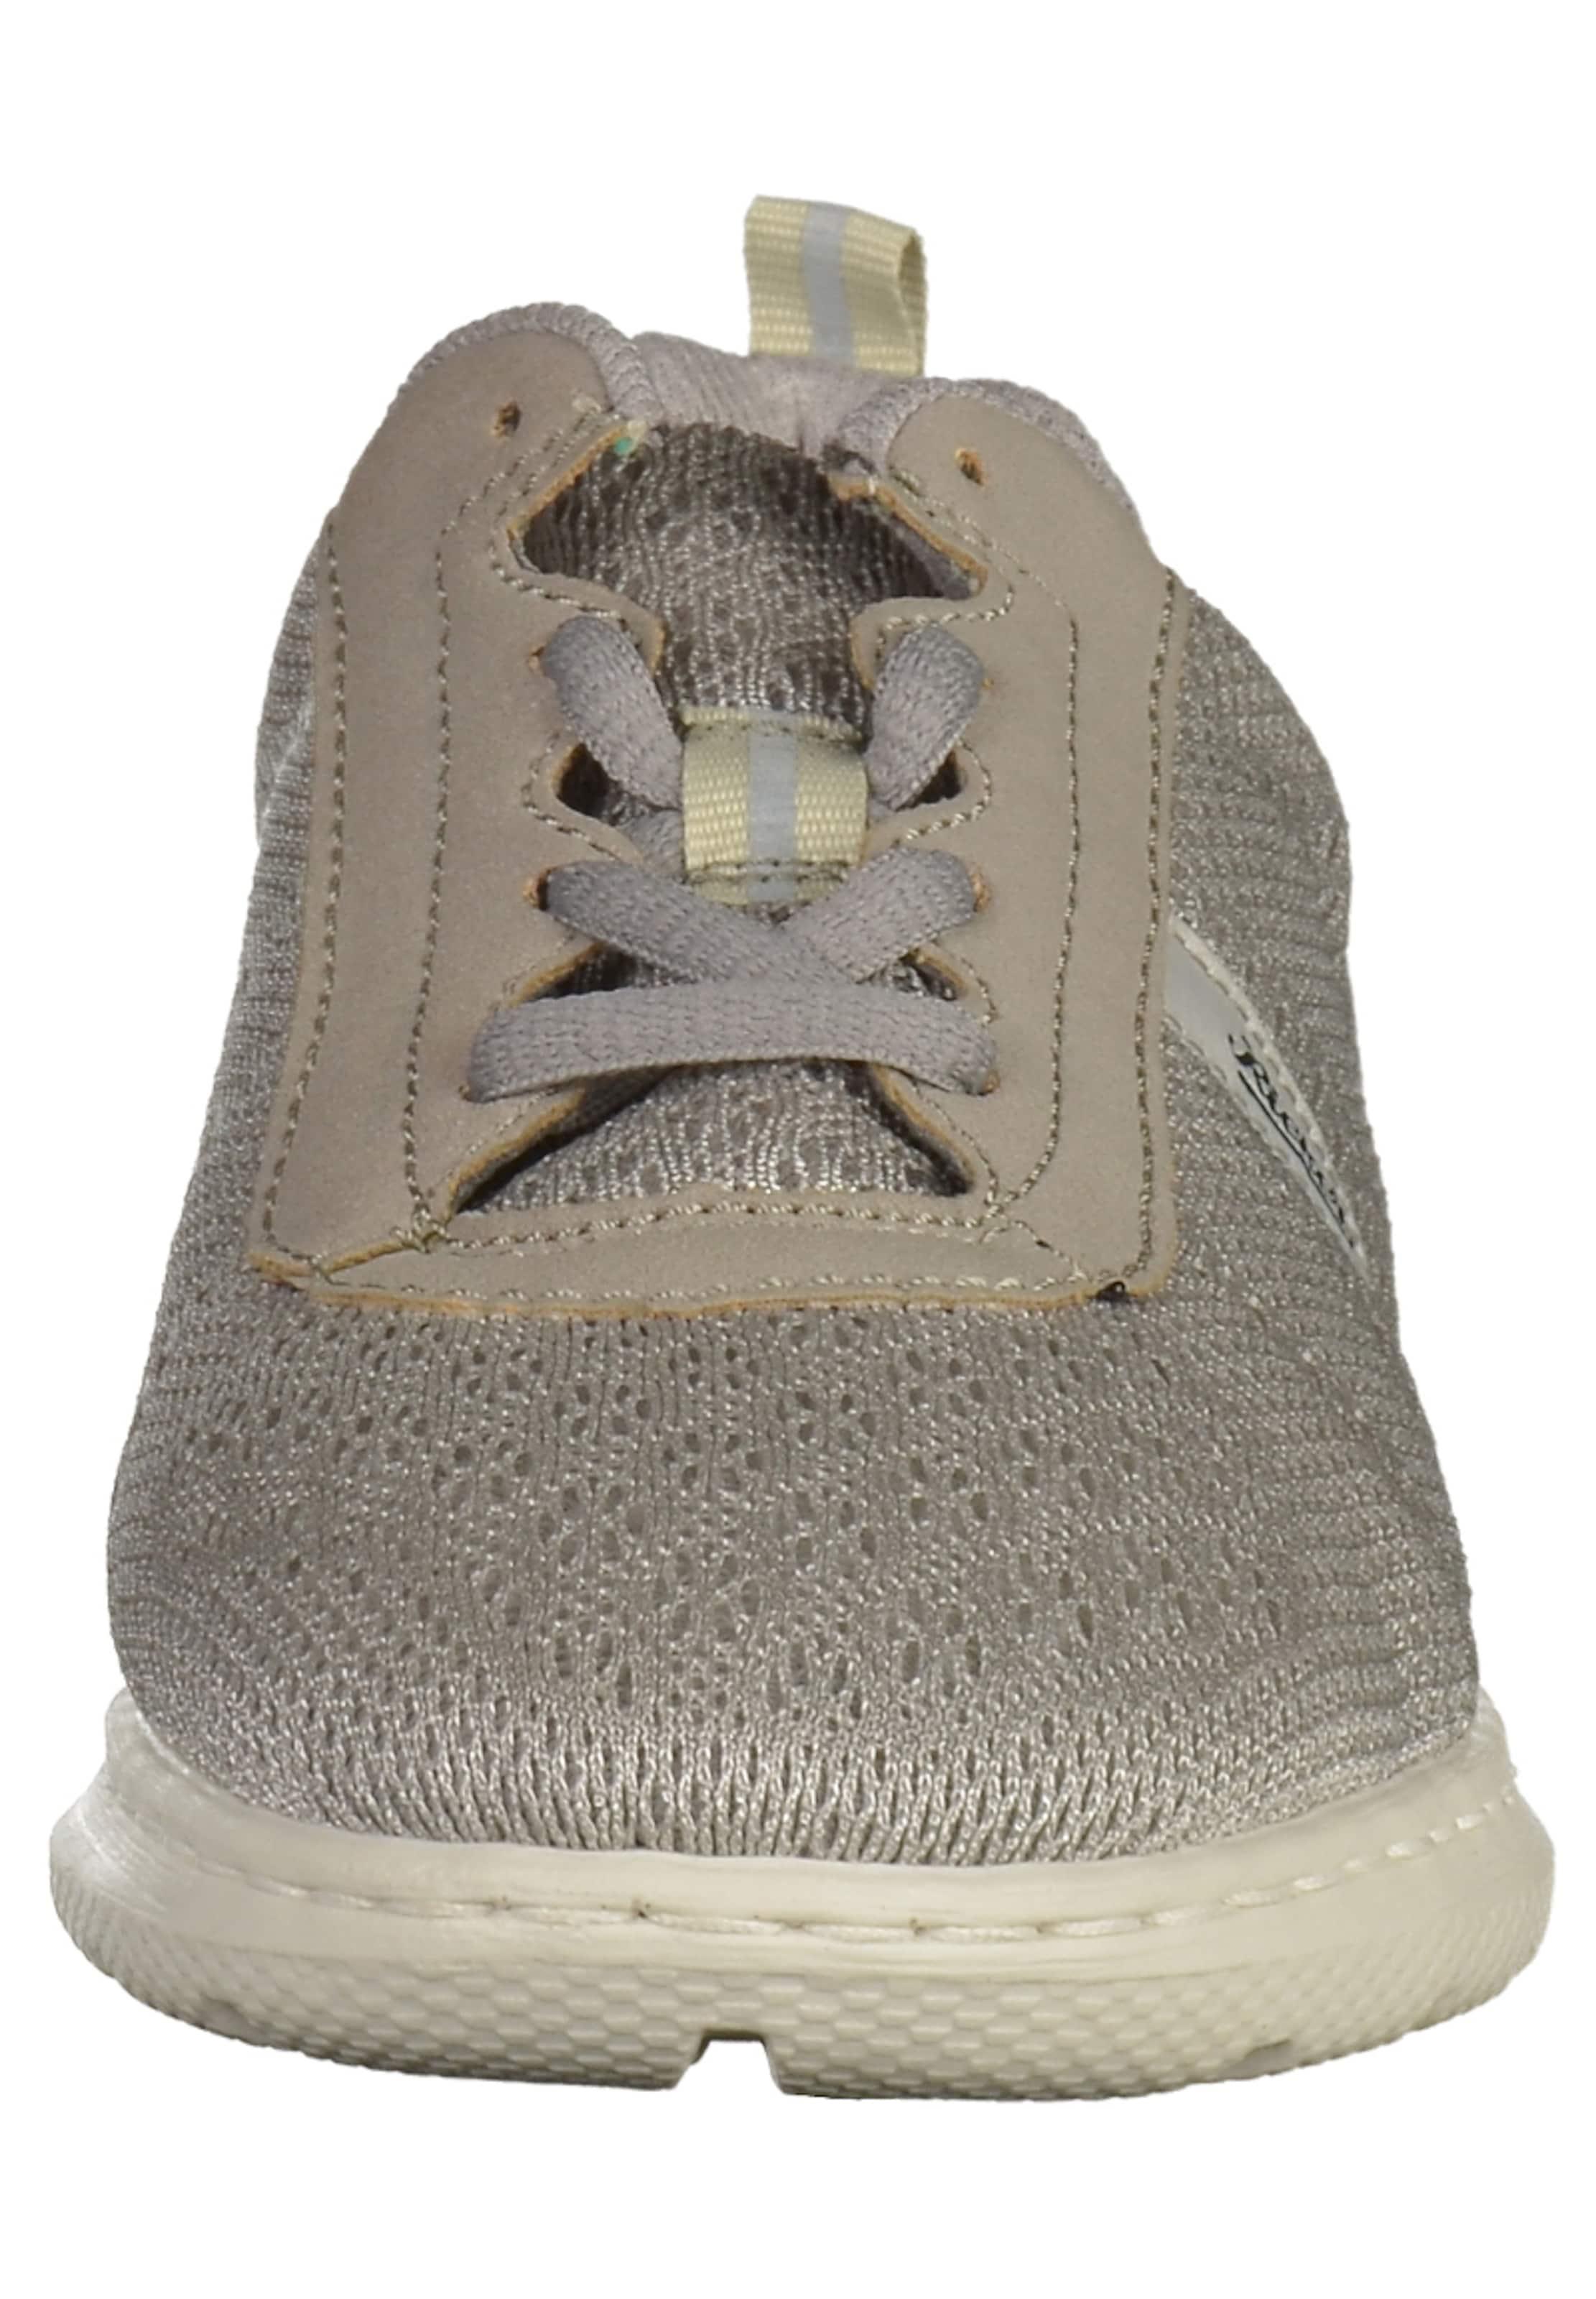 Günstig Kaufen Original Kaufen Günstigen Preis RIEKER Sneaker Billige Bilder Ziellinie Qualität Freies Verschiffen 2ERPV